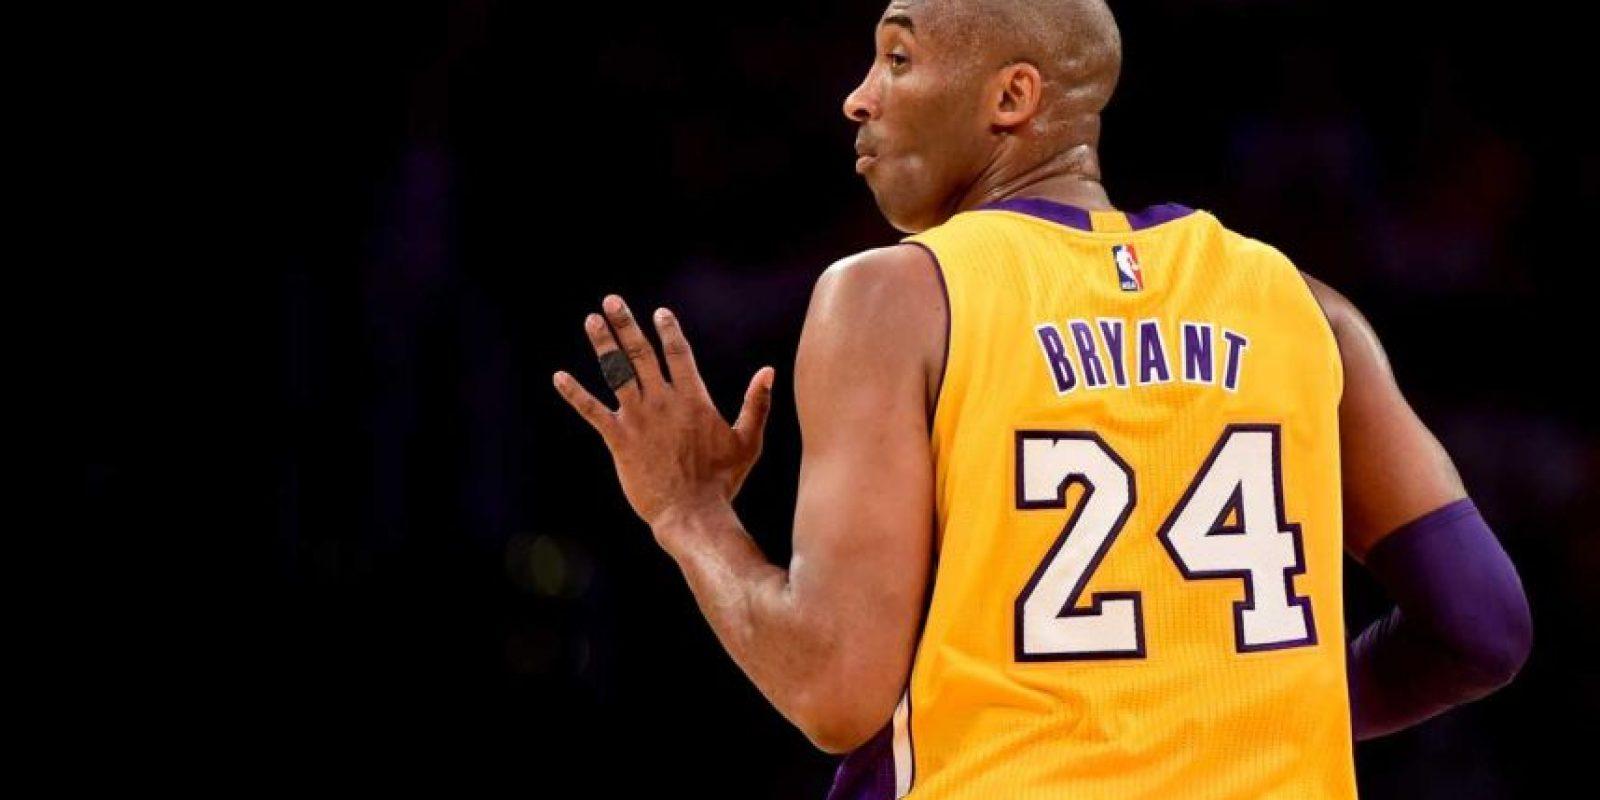 Por esto y más, Kobe es inolvidable para la NBA. Foto:Getty Images